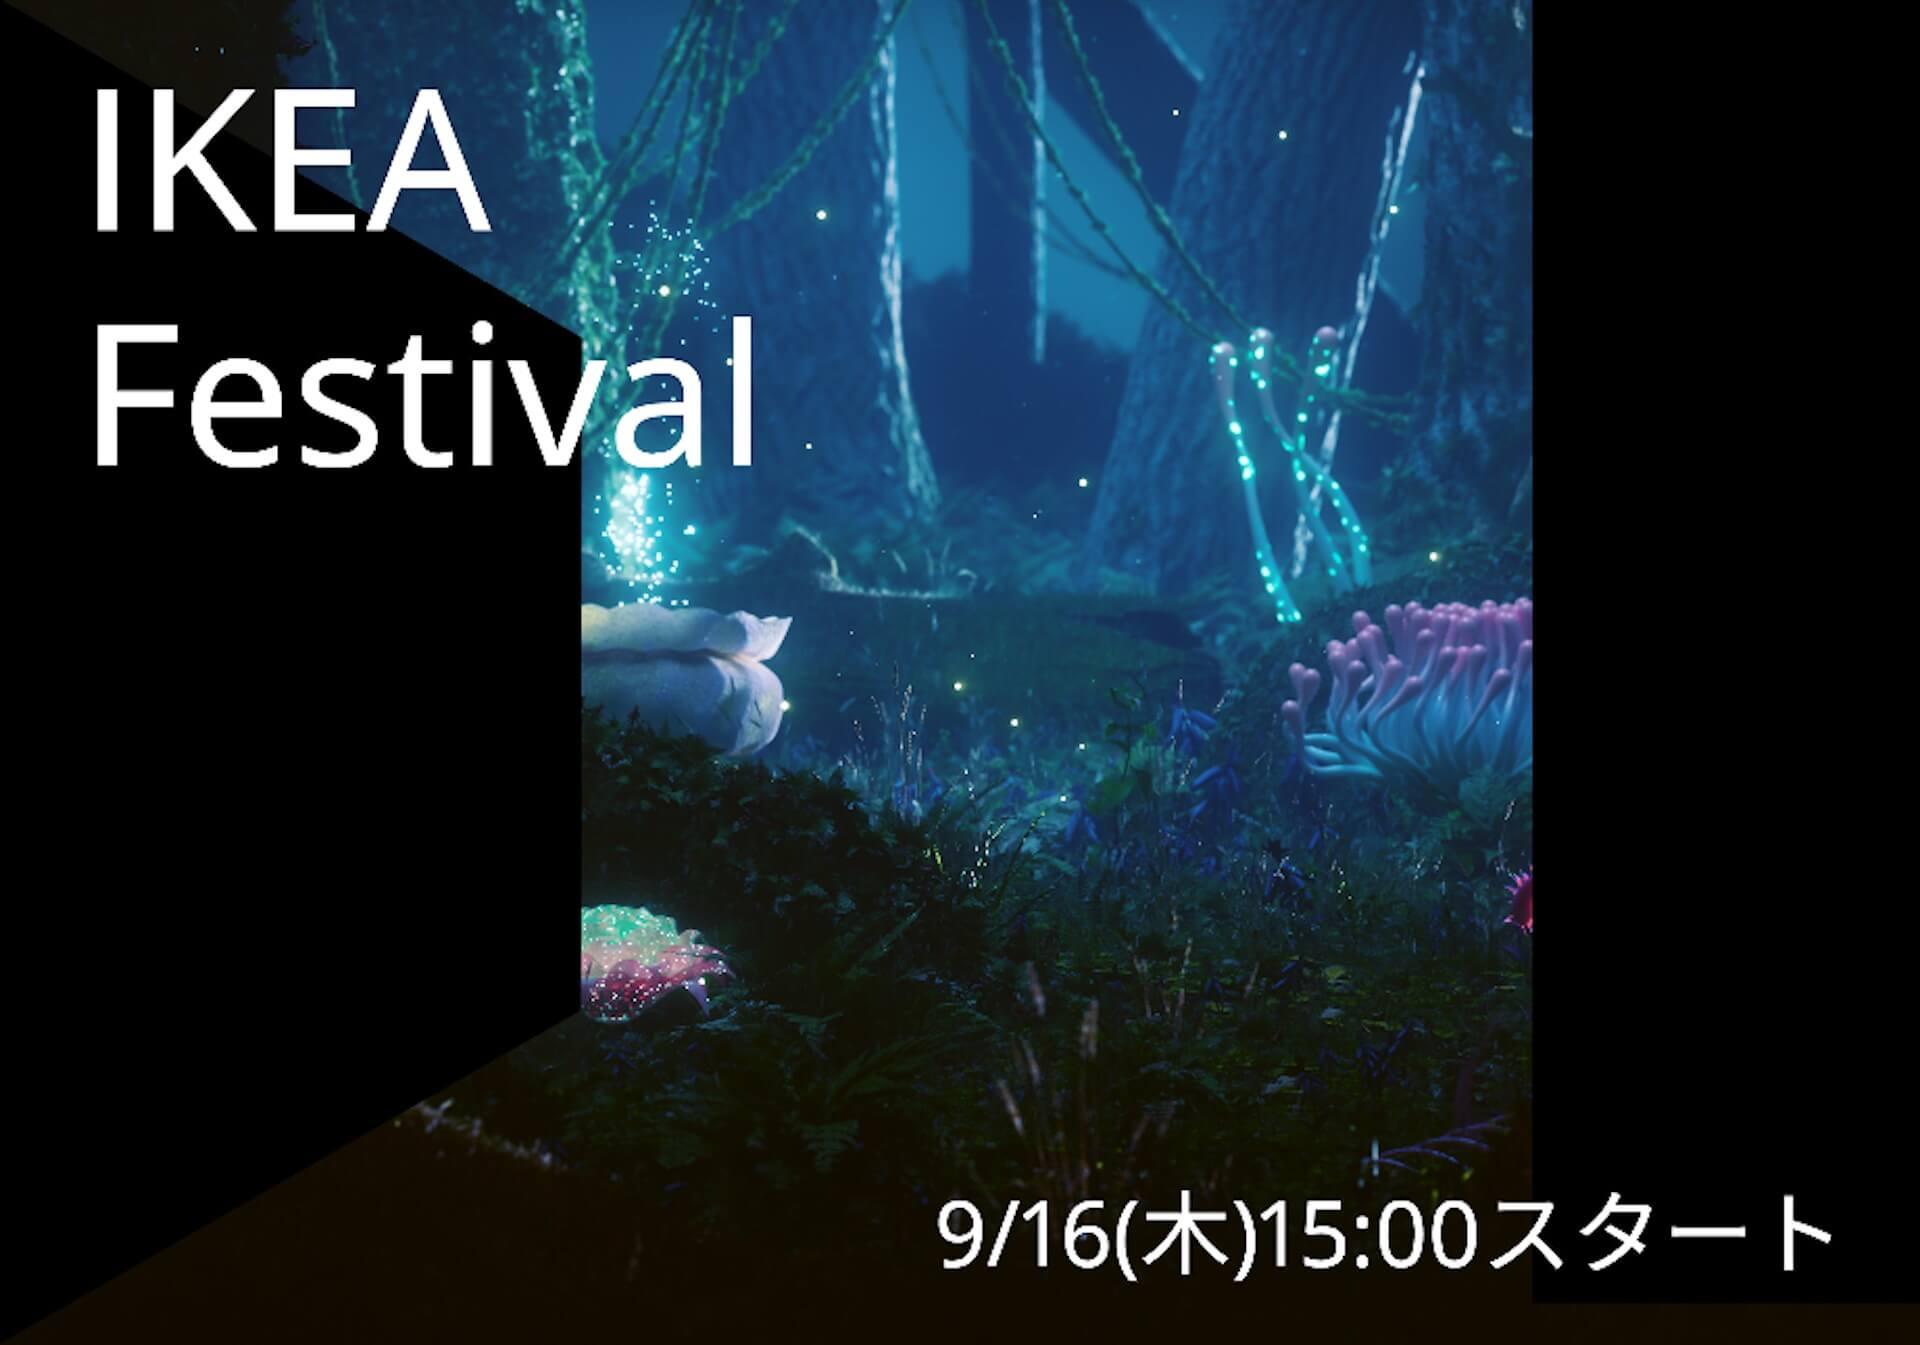 イケア初24時間オンラインイベント<IKEA Festival>が開催!KAYTRANADAやMasegoなど豪華アーティストがライブに参加 music210915_ikea_festival_02